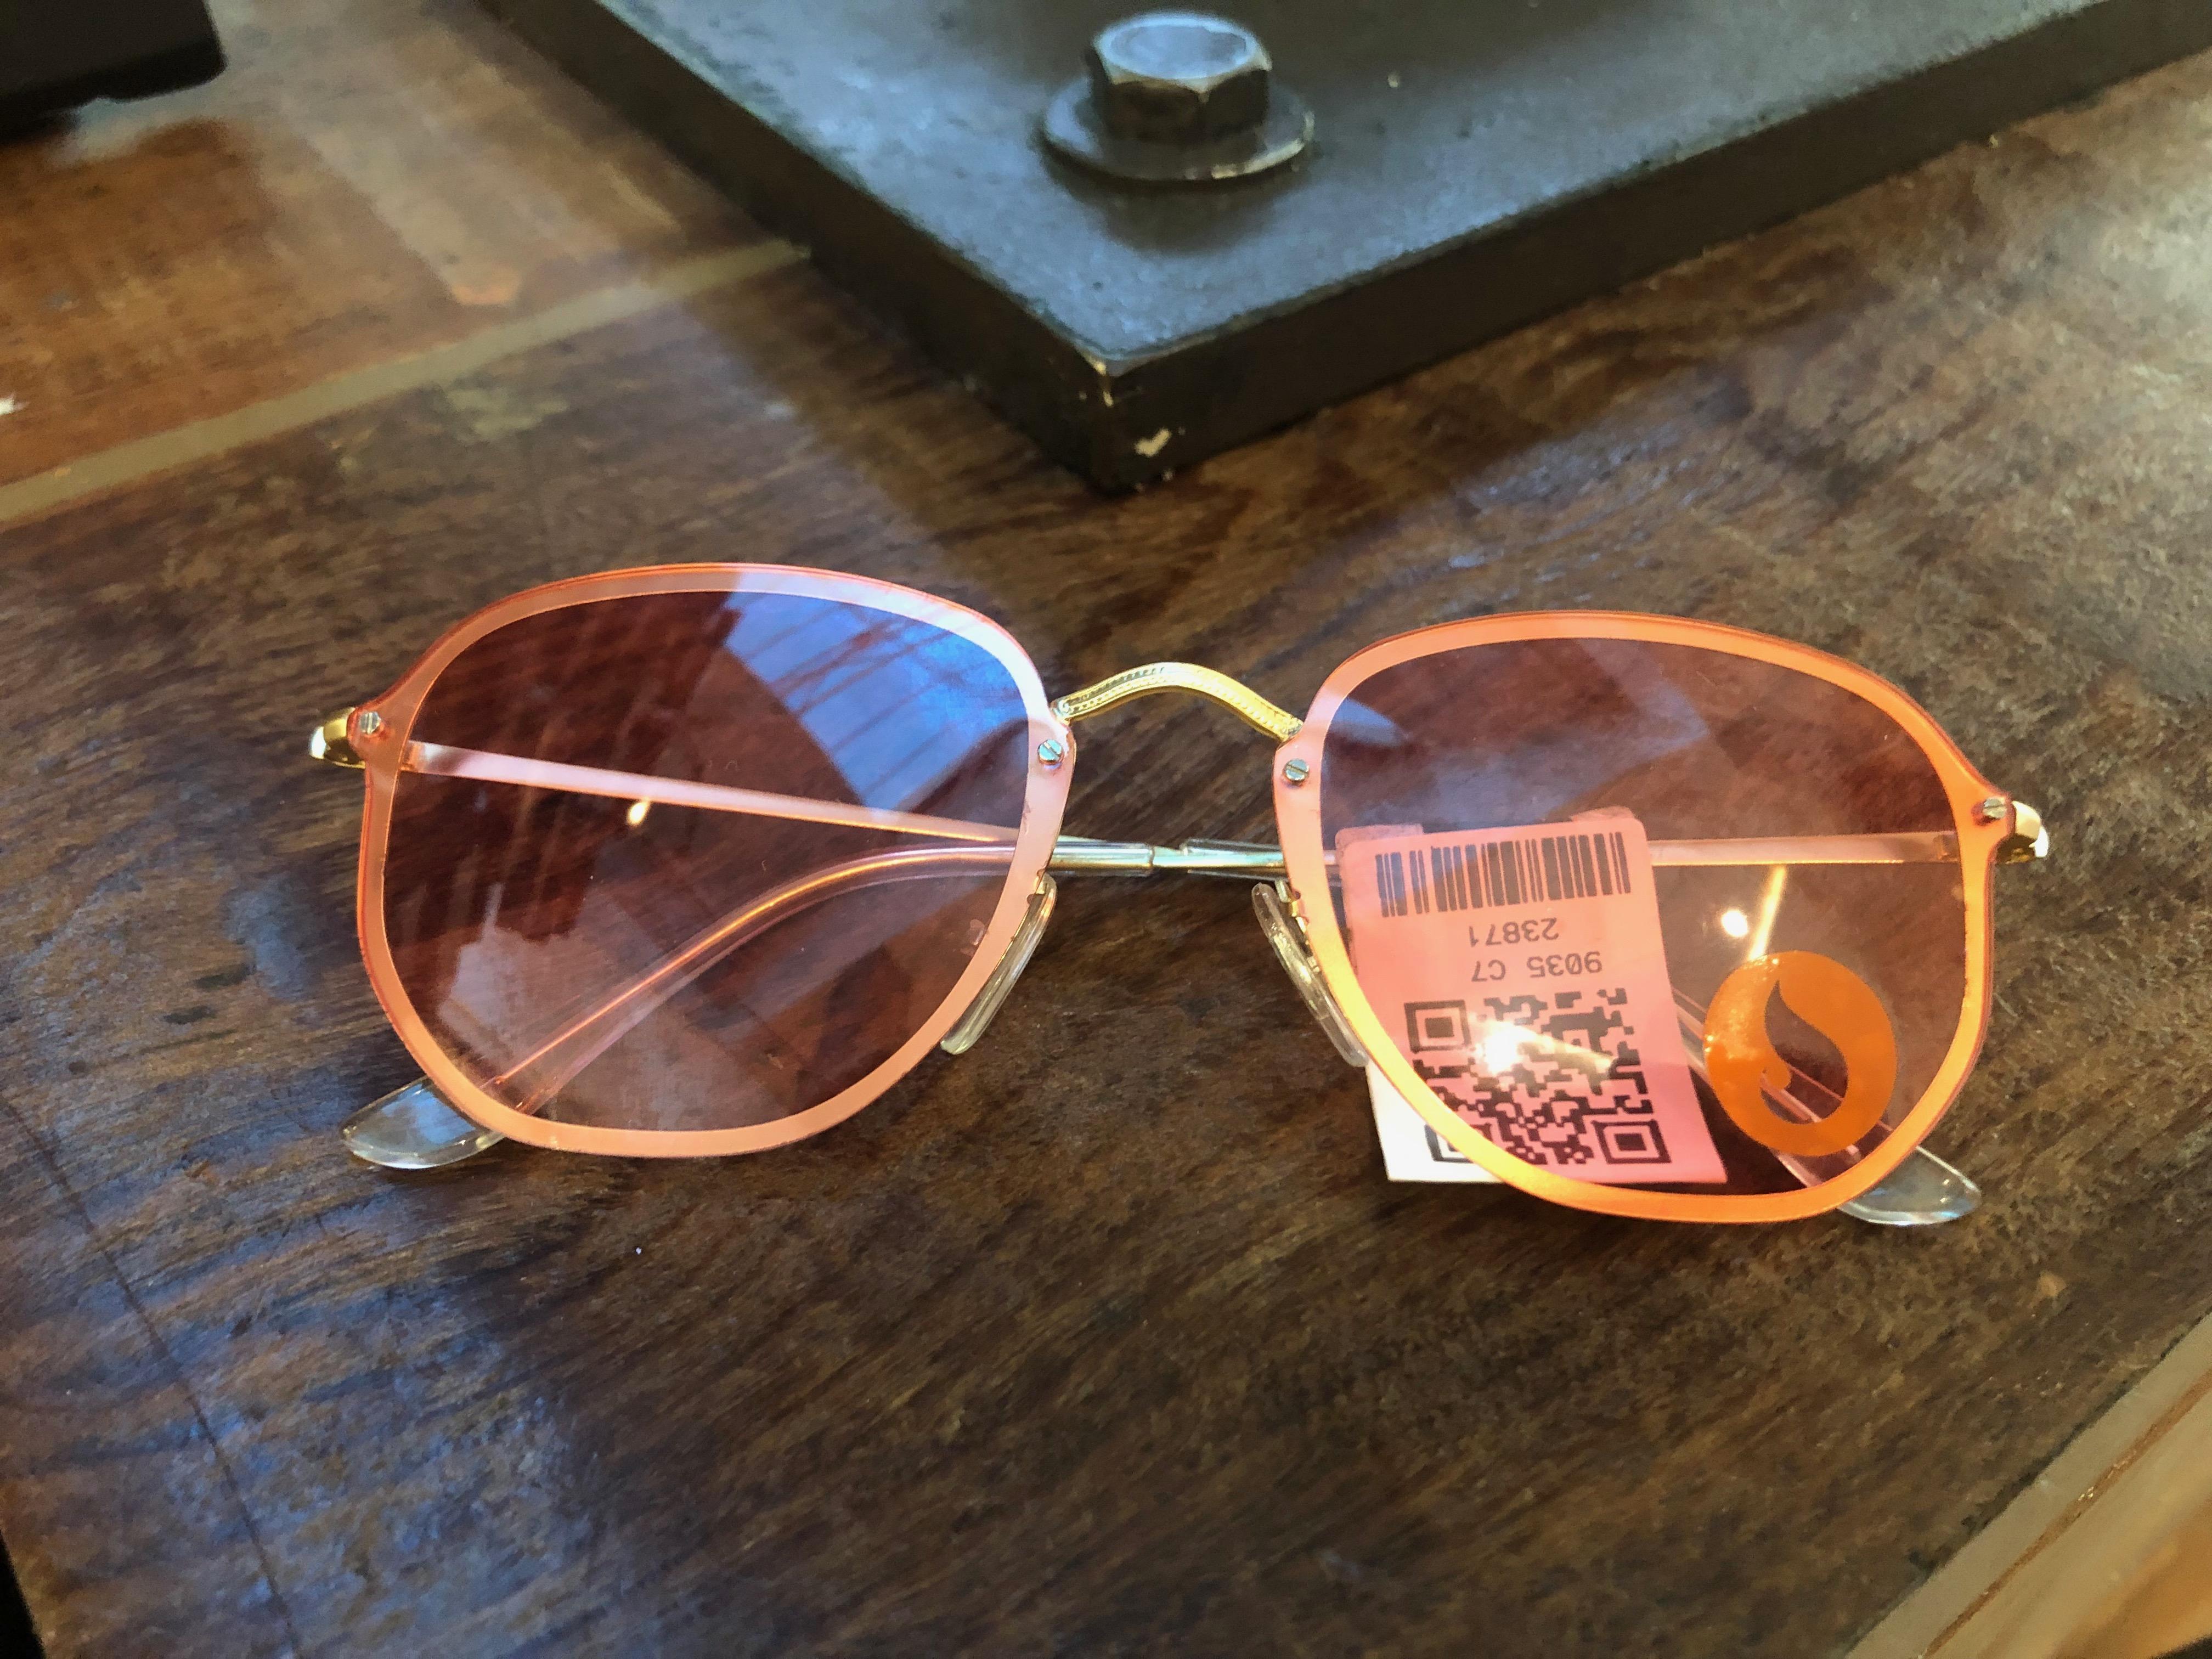 Óculos rosa (Fuel - Salvador Shopping) de R$ 99,9 por R$ 49,95 (50%)